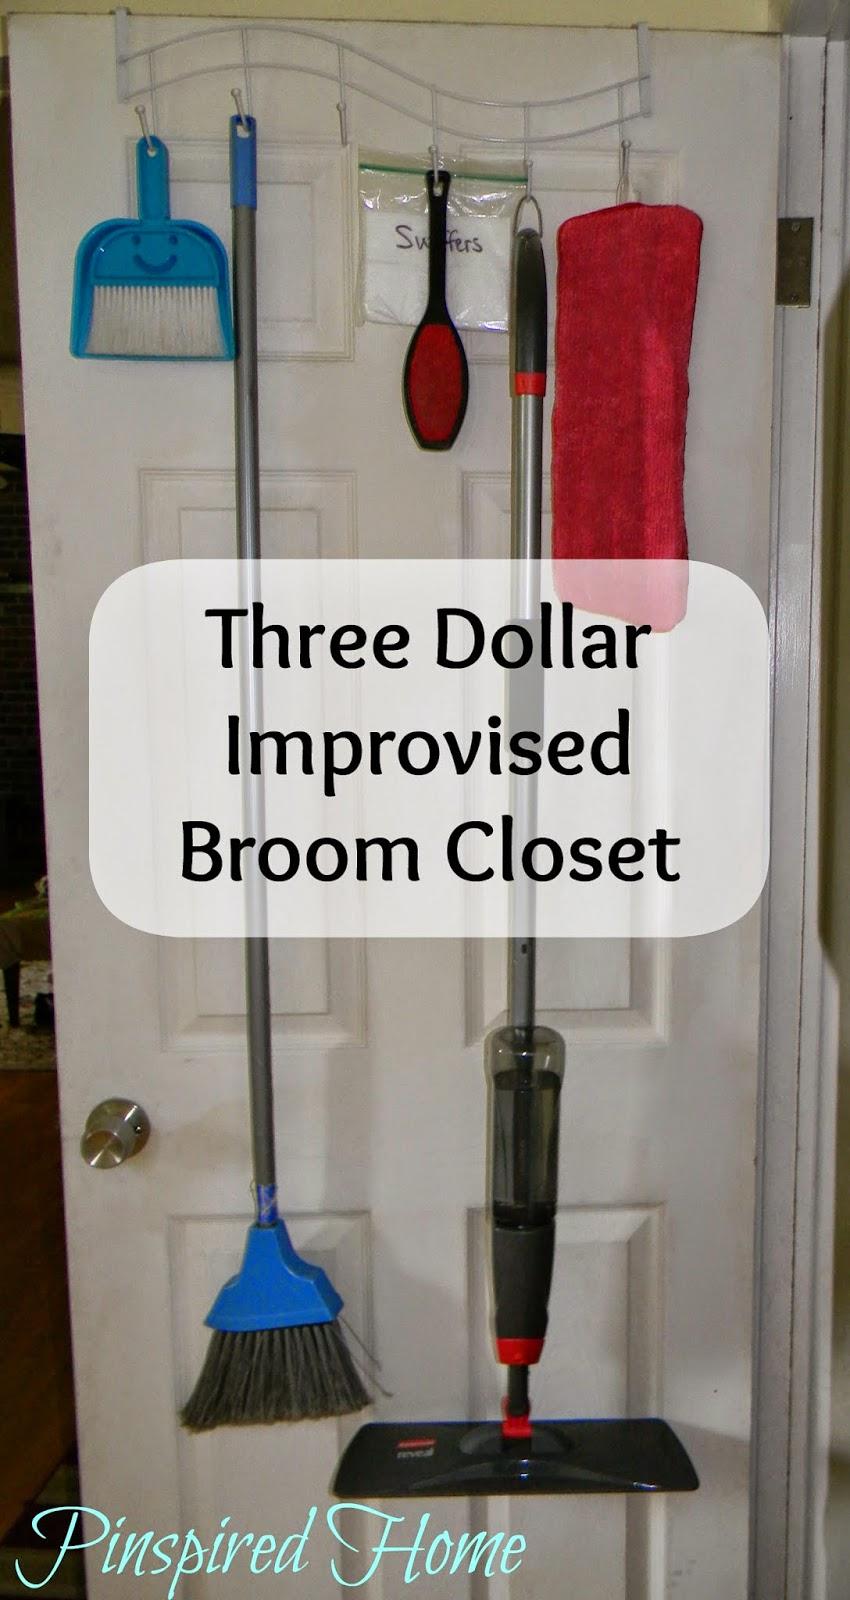 Improvised Broom Closet